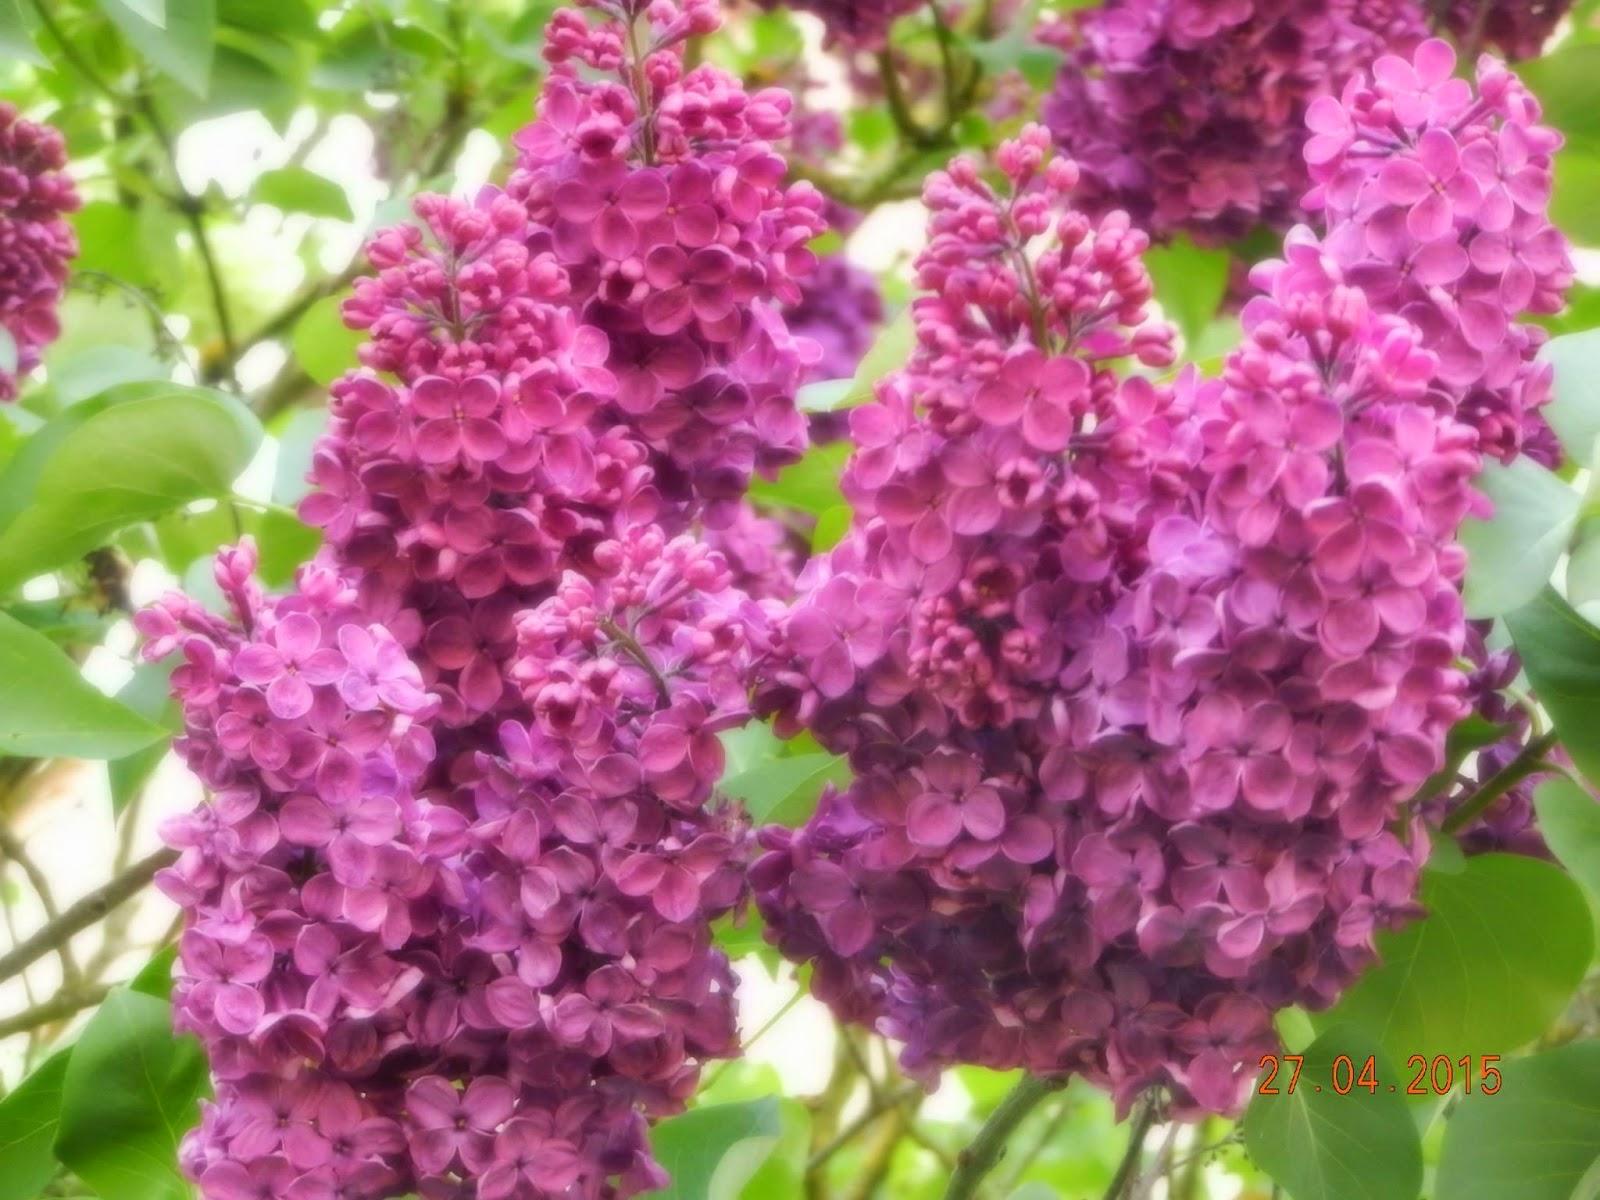 Cực đẹp hoa tử đinh hương